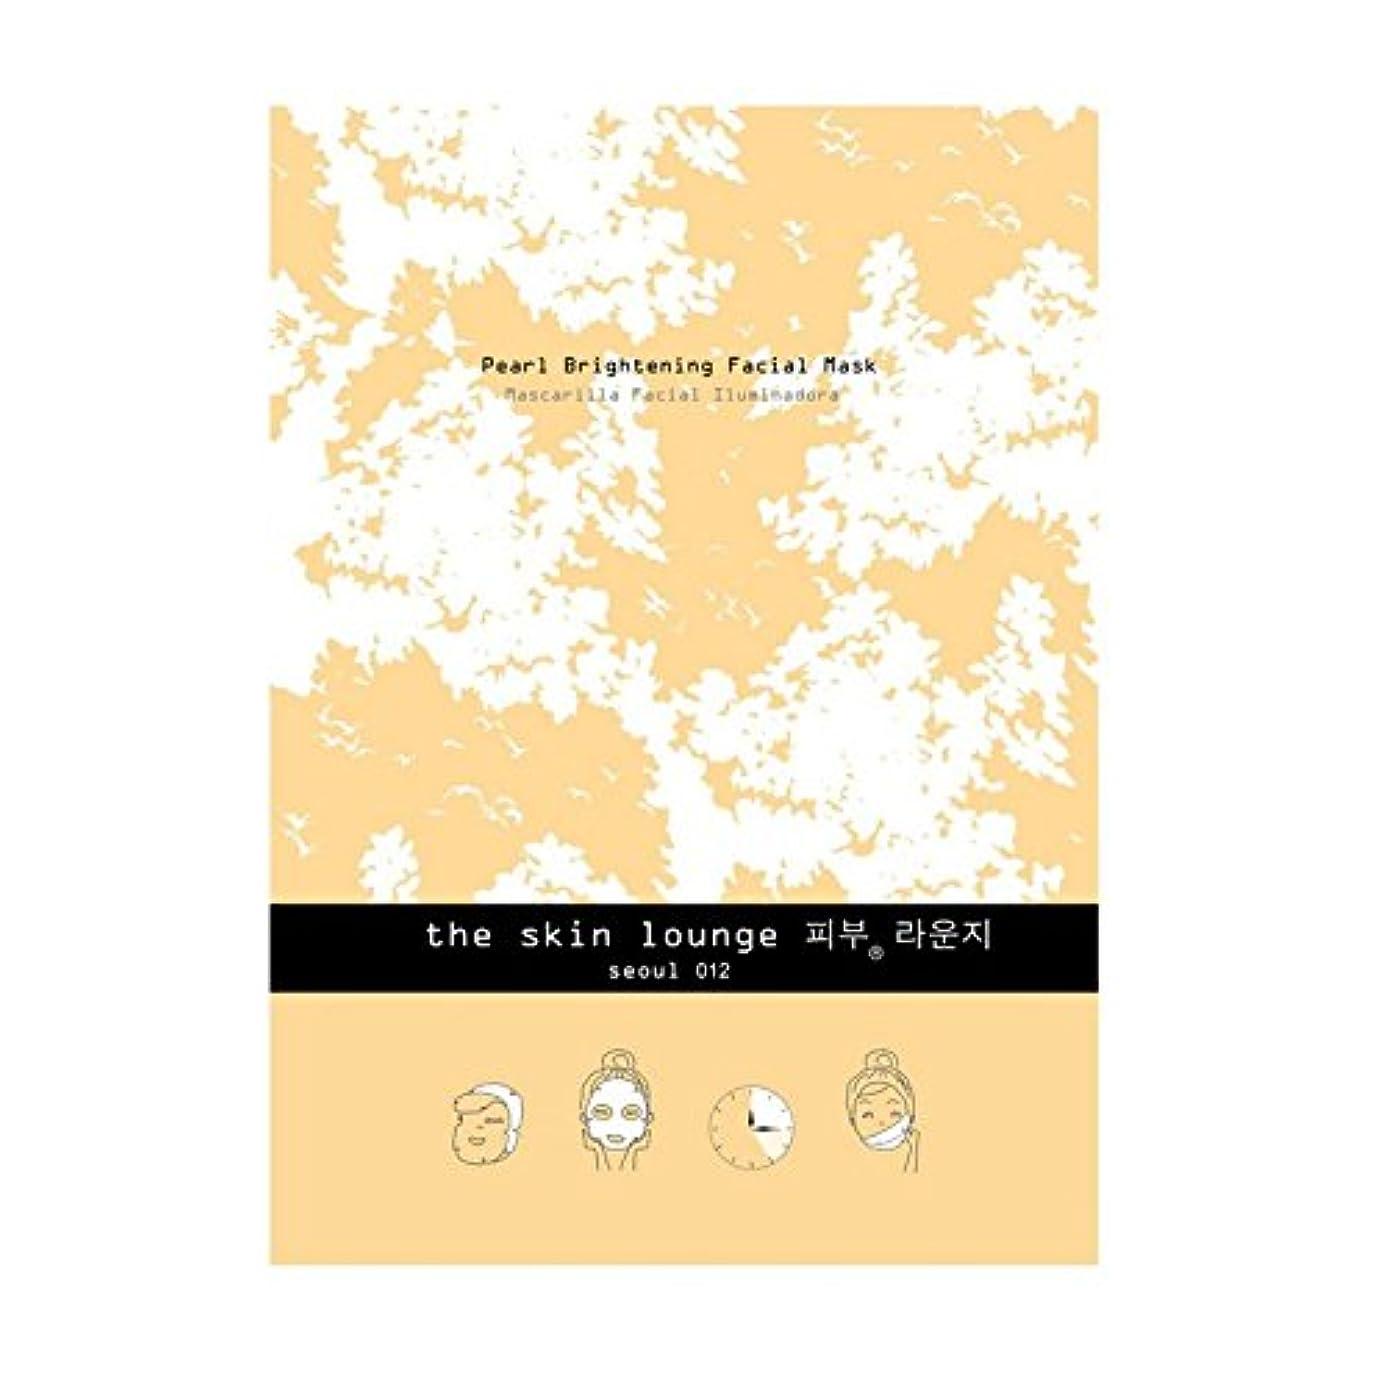 シャイシンプトン途方もない単一セルロースマスクを明るく皮膚ラウンジ真珠 x2 - The Skin Lounge Pearl Brightening Single Cellulose Mask (Pack of 2) [並行輸入品]